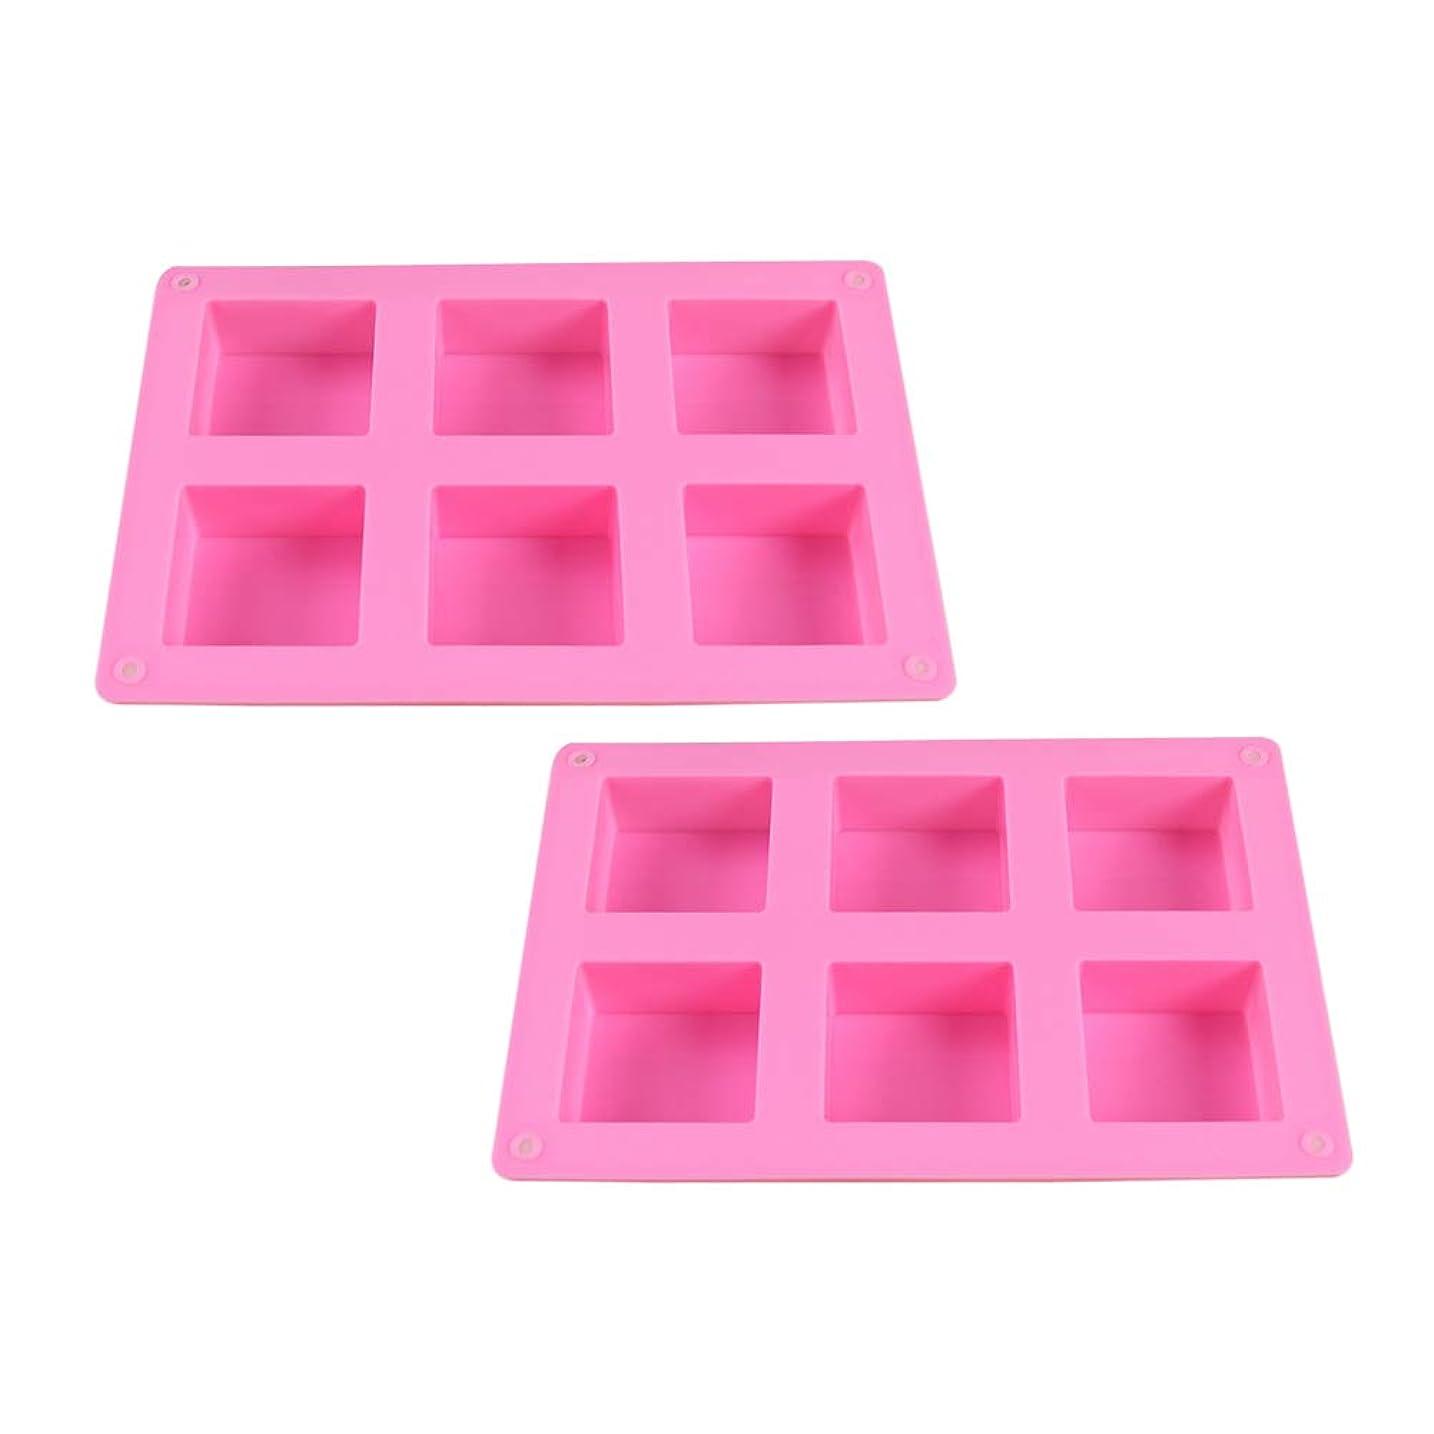 犯人ベストマイナスHEALIFTY DIYのケーキのベーキング型のための6つのキャビティシリコーンの石鹸型との石鹸作りのための2PCS石鹸型